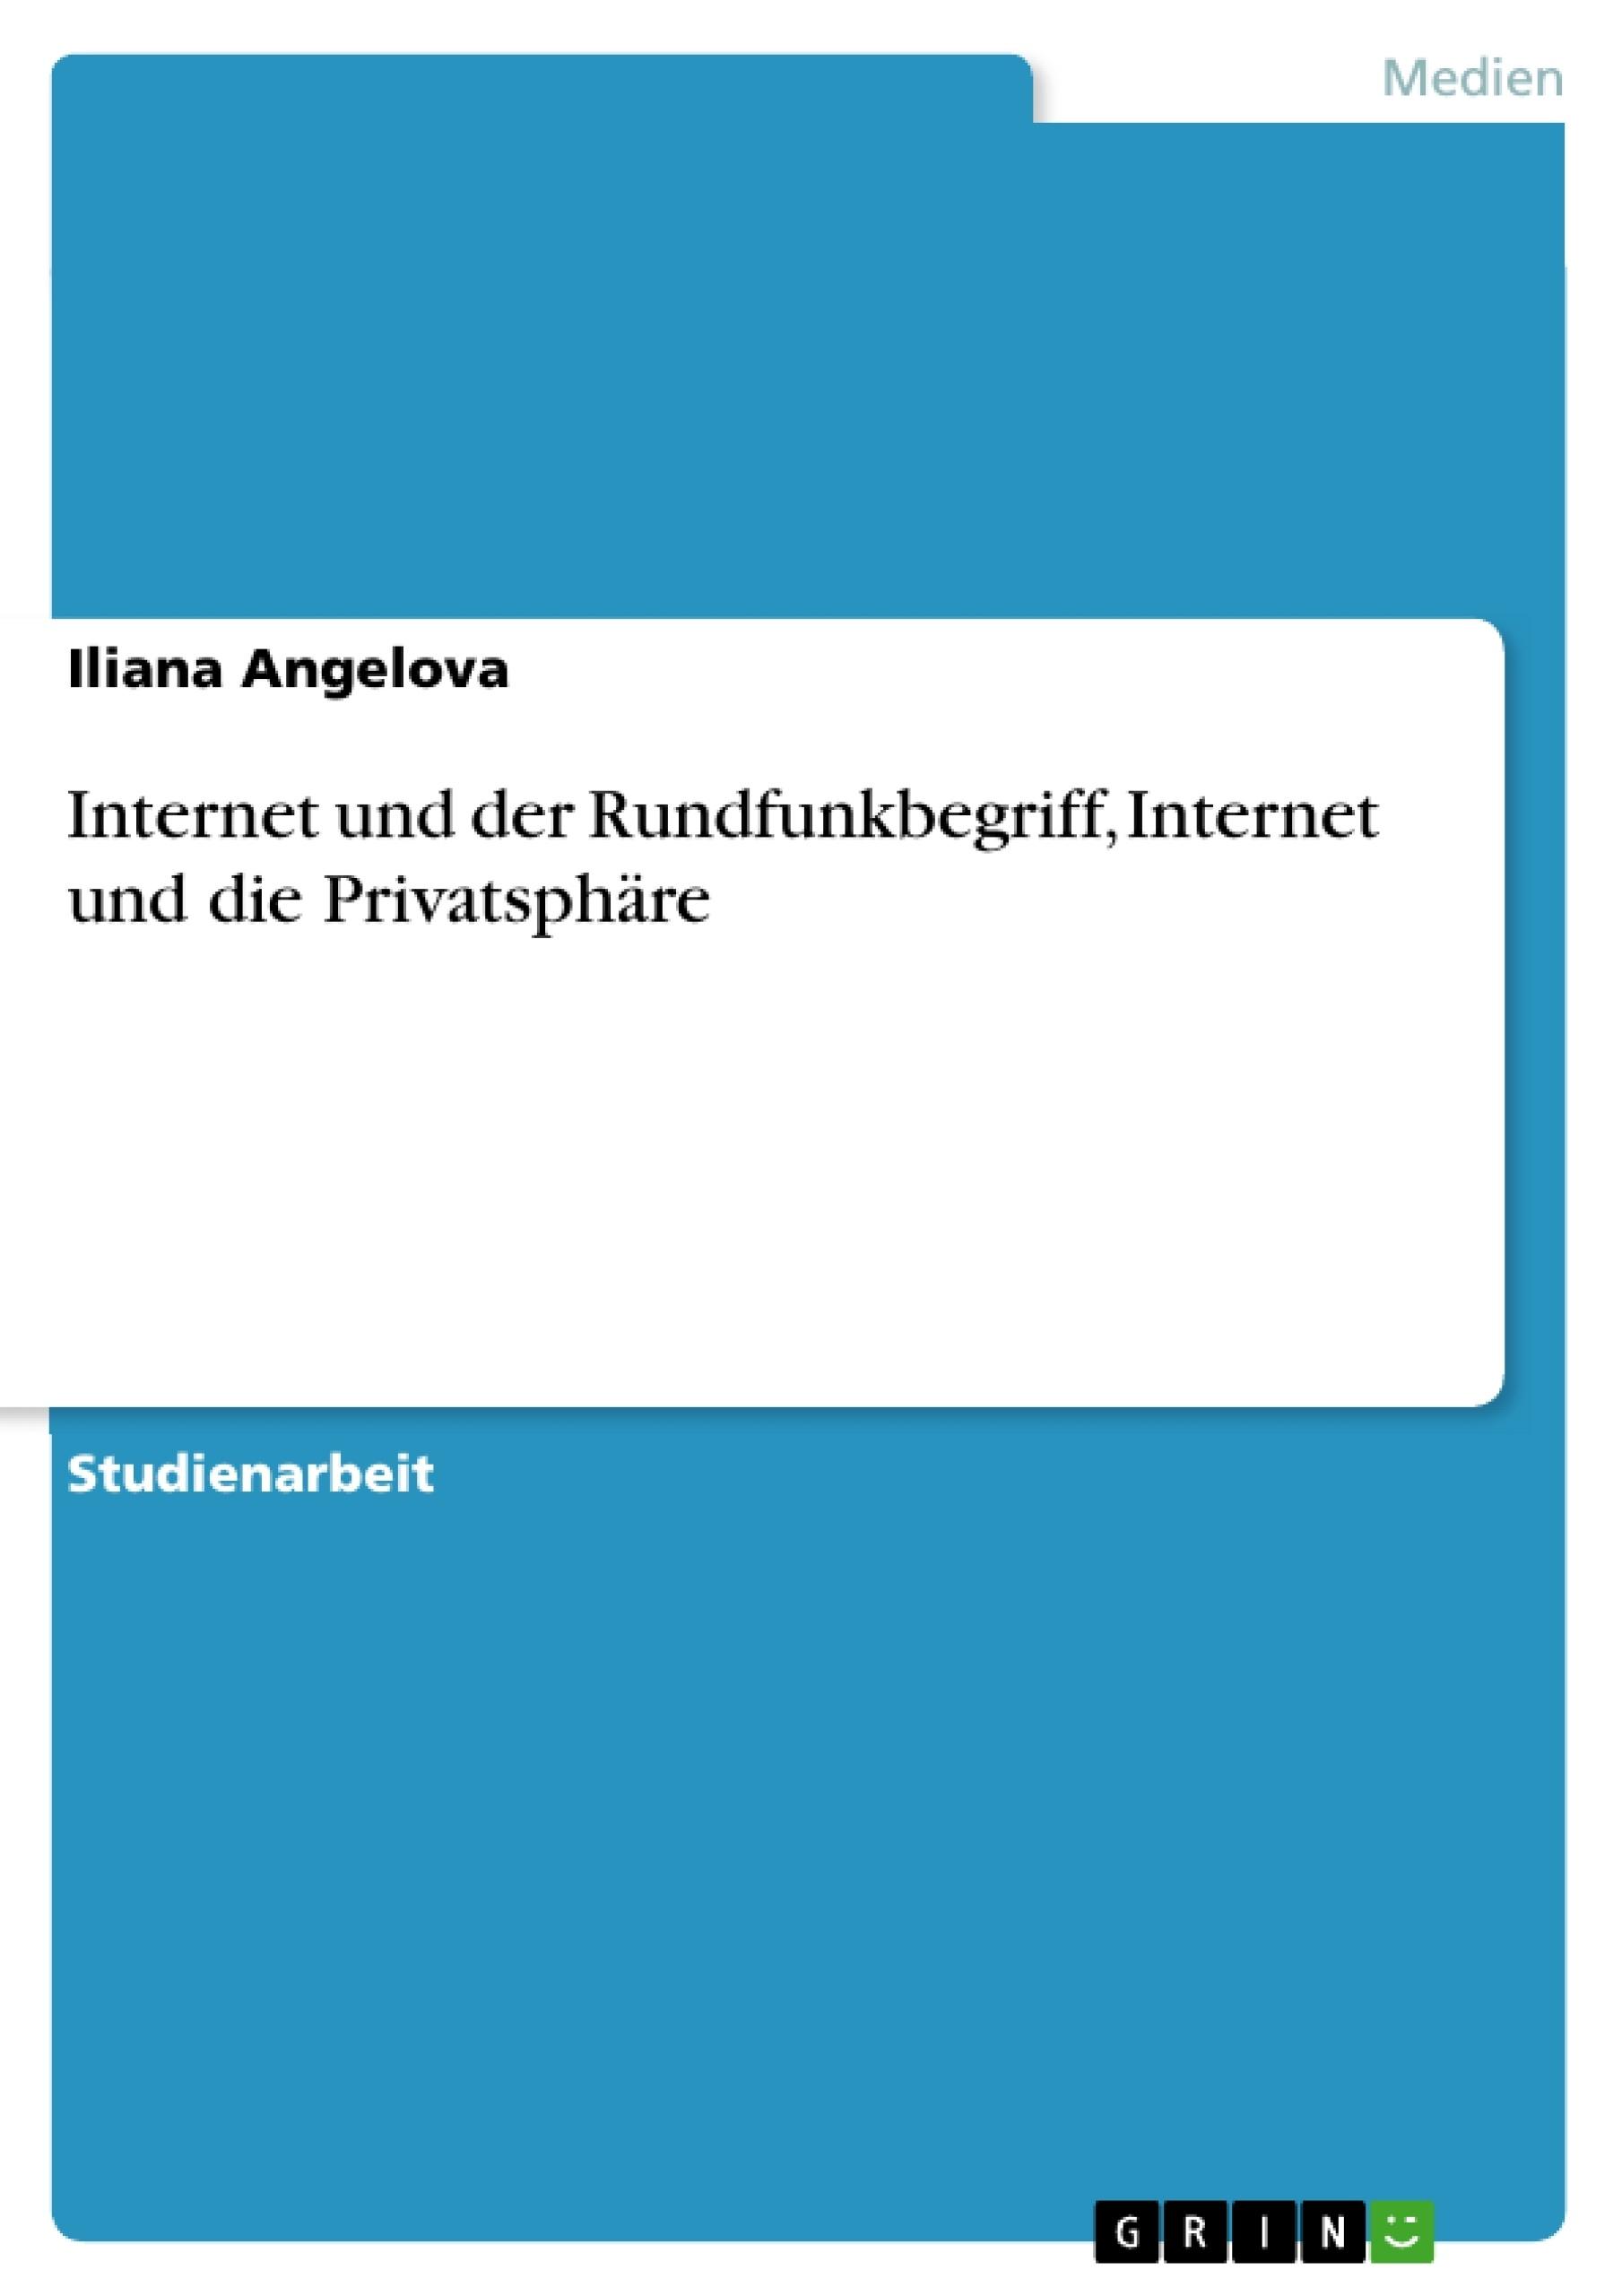 Titel: Internet und der Rundfunkbegriff, Internet und die Privatsphäre